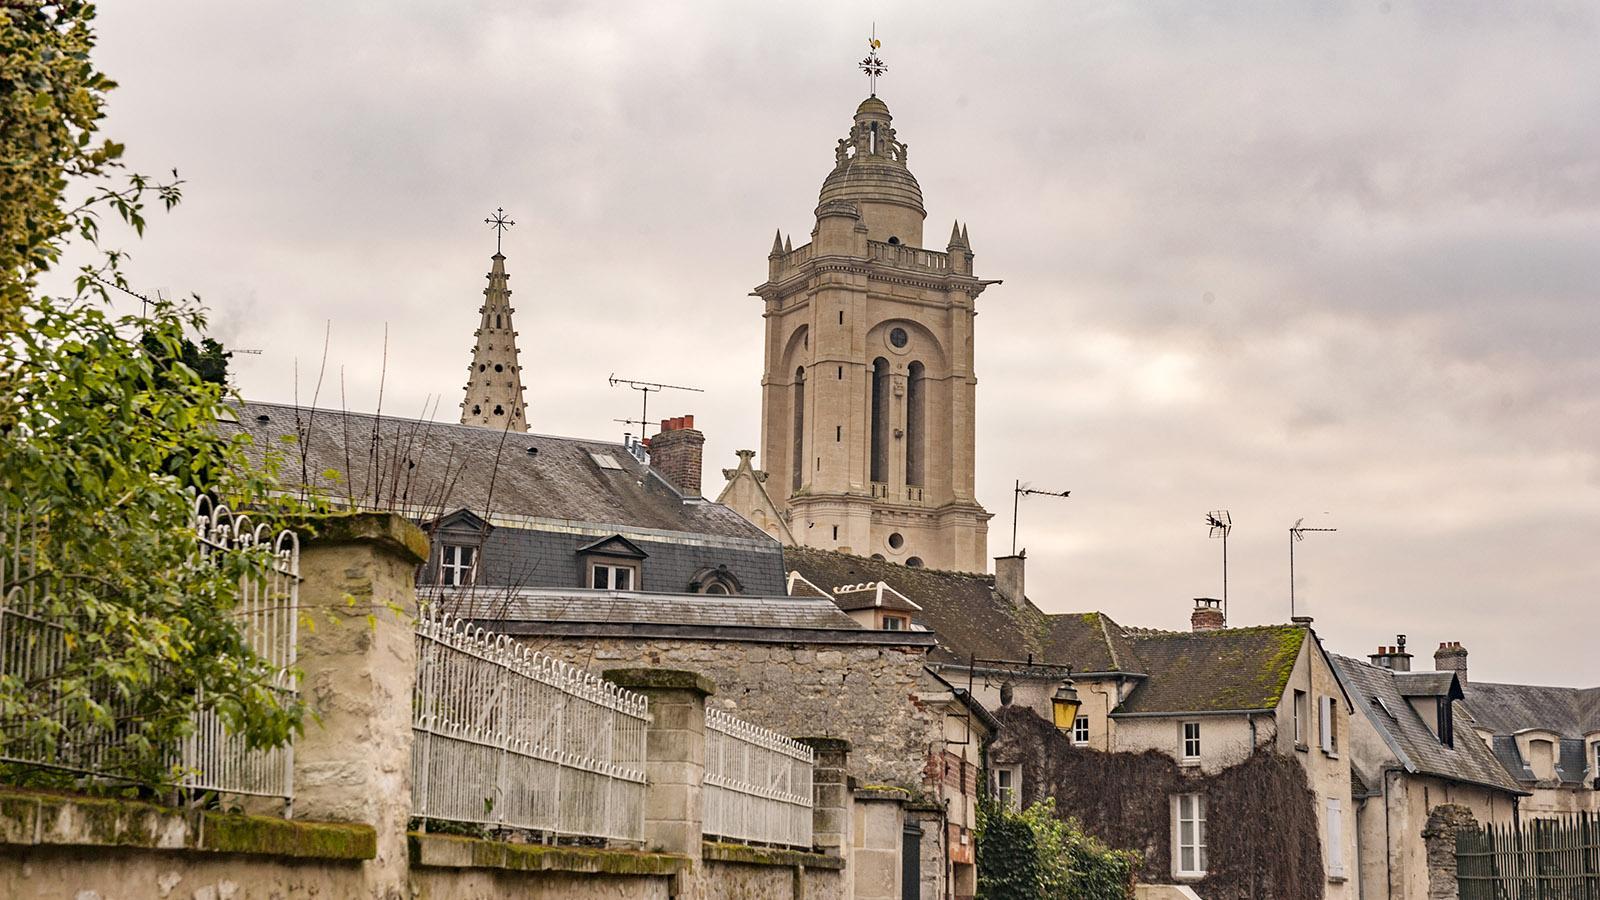 Berühmtes Wahrzeichen von Senlis: die Kathedrale. Foto: Hilke Maunder